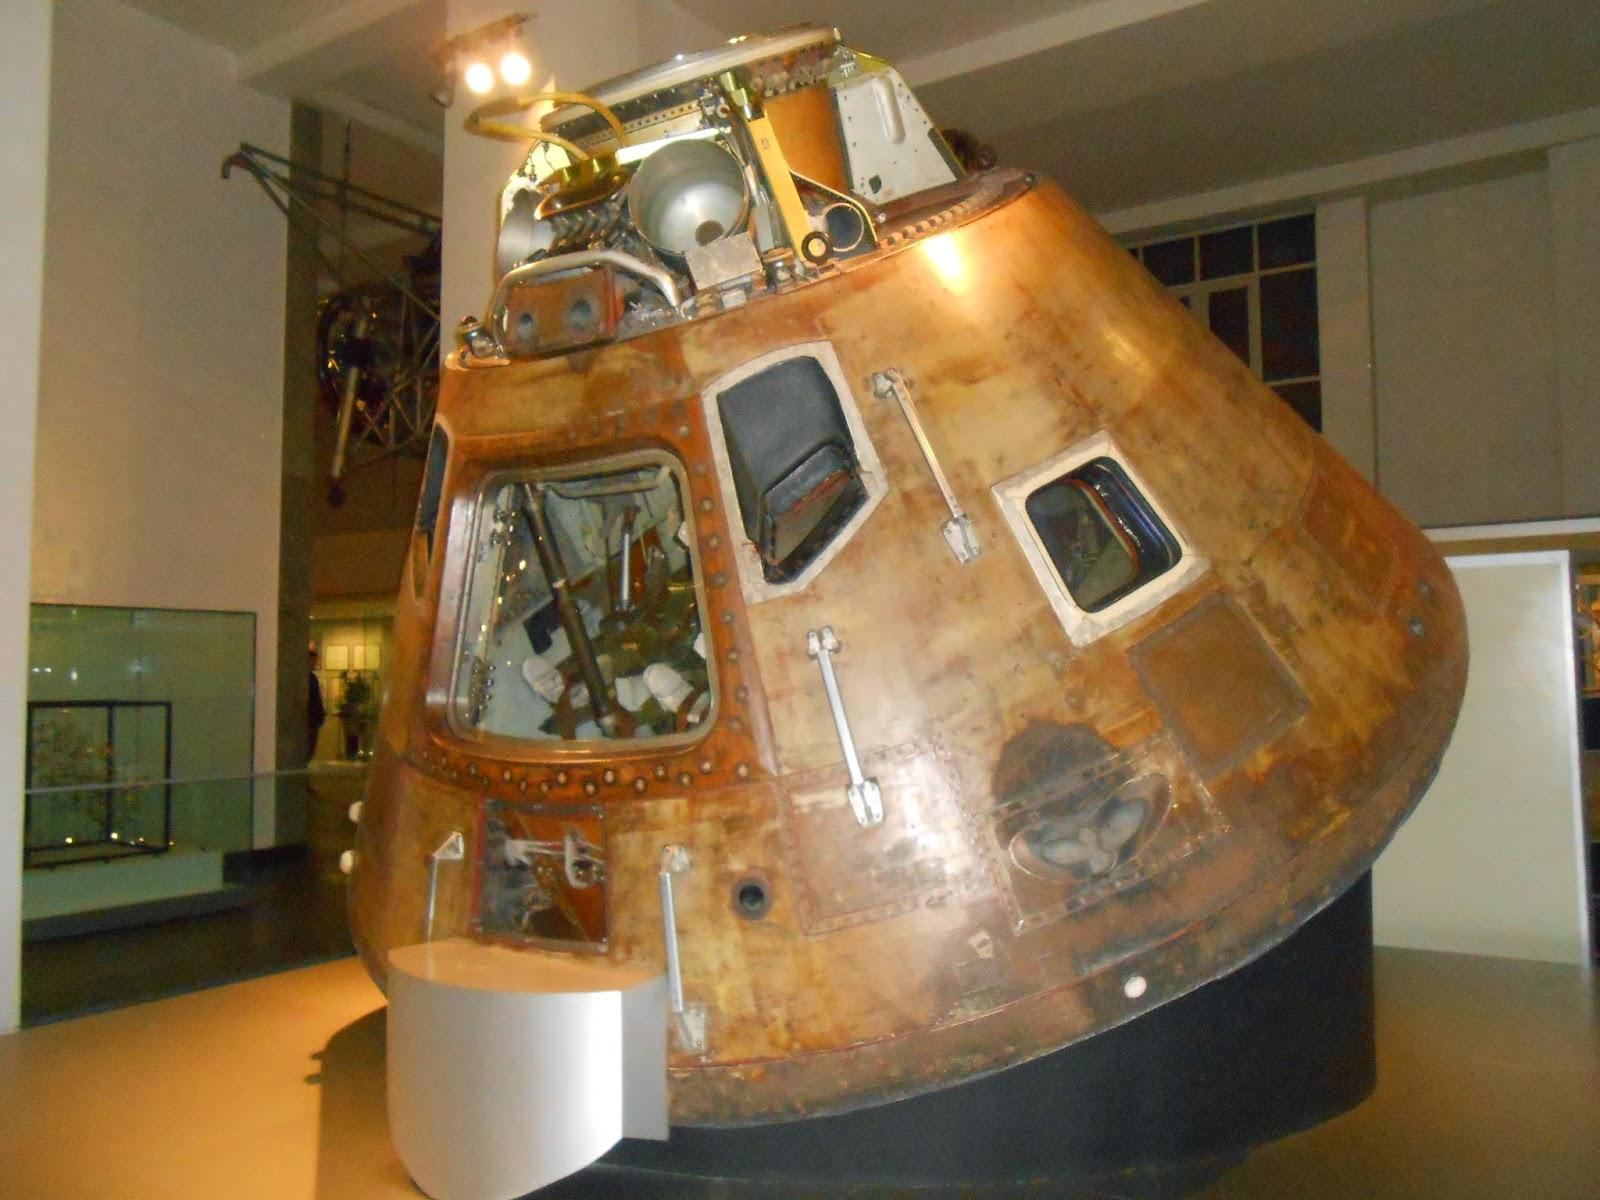 Kapsuła Apollo 10 w Science Museum.